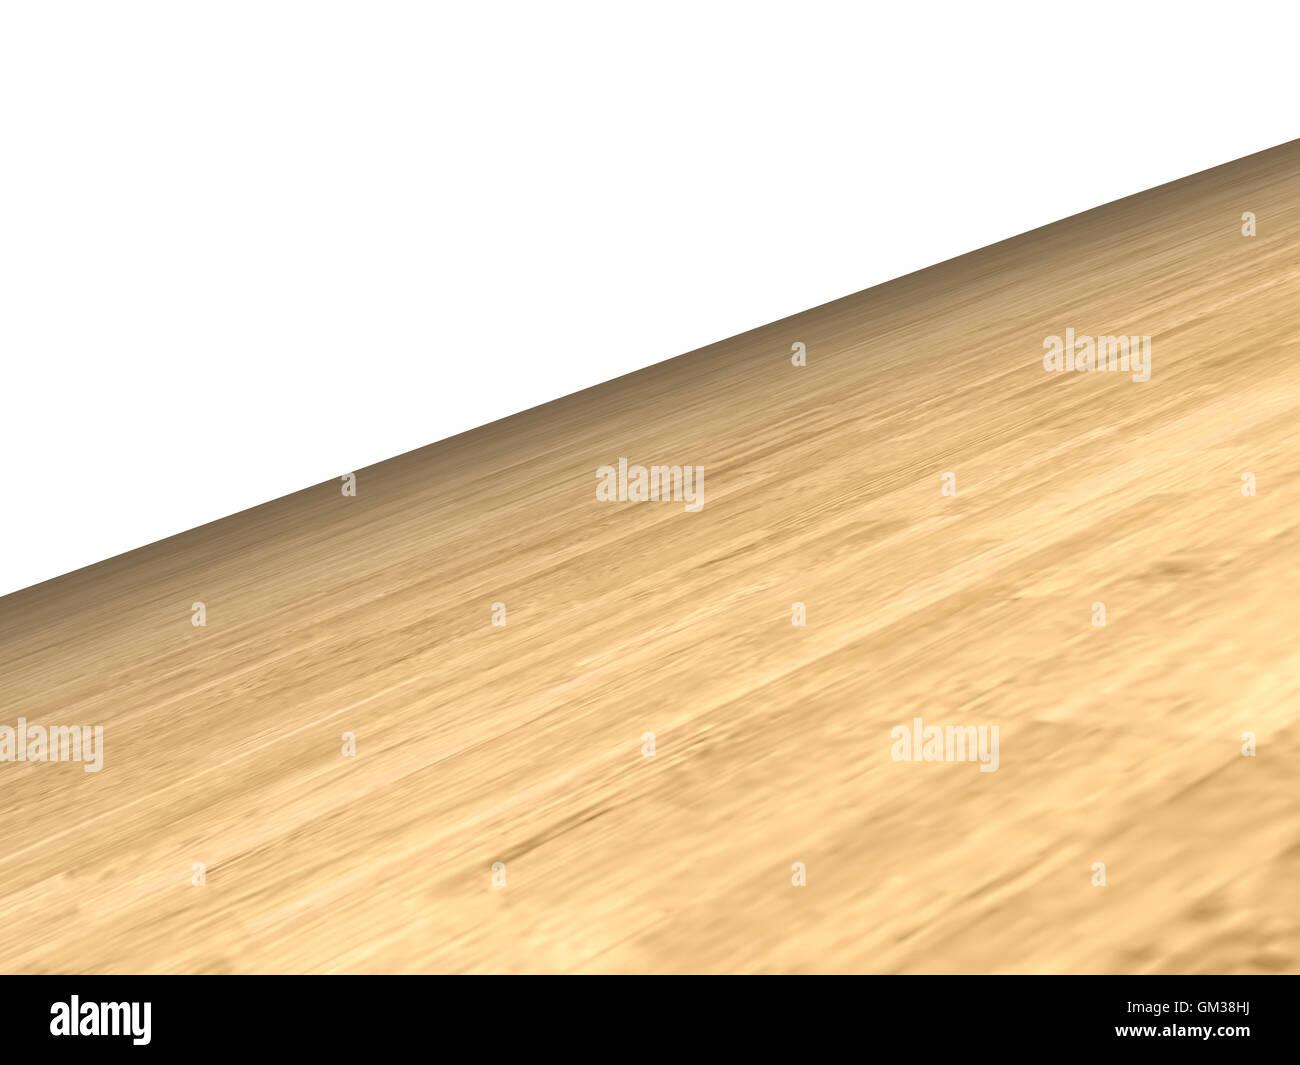 wooden floor - Stock Image